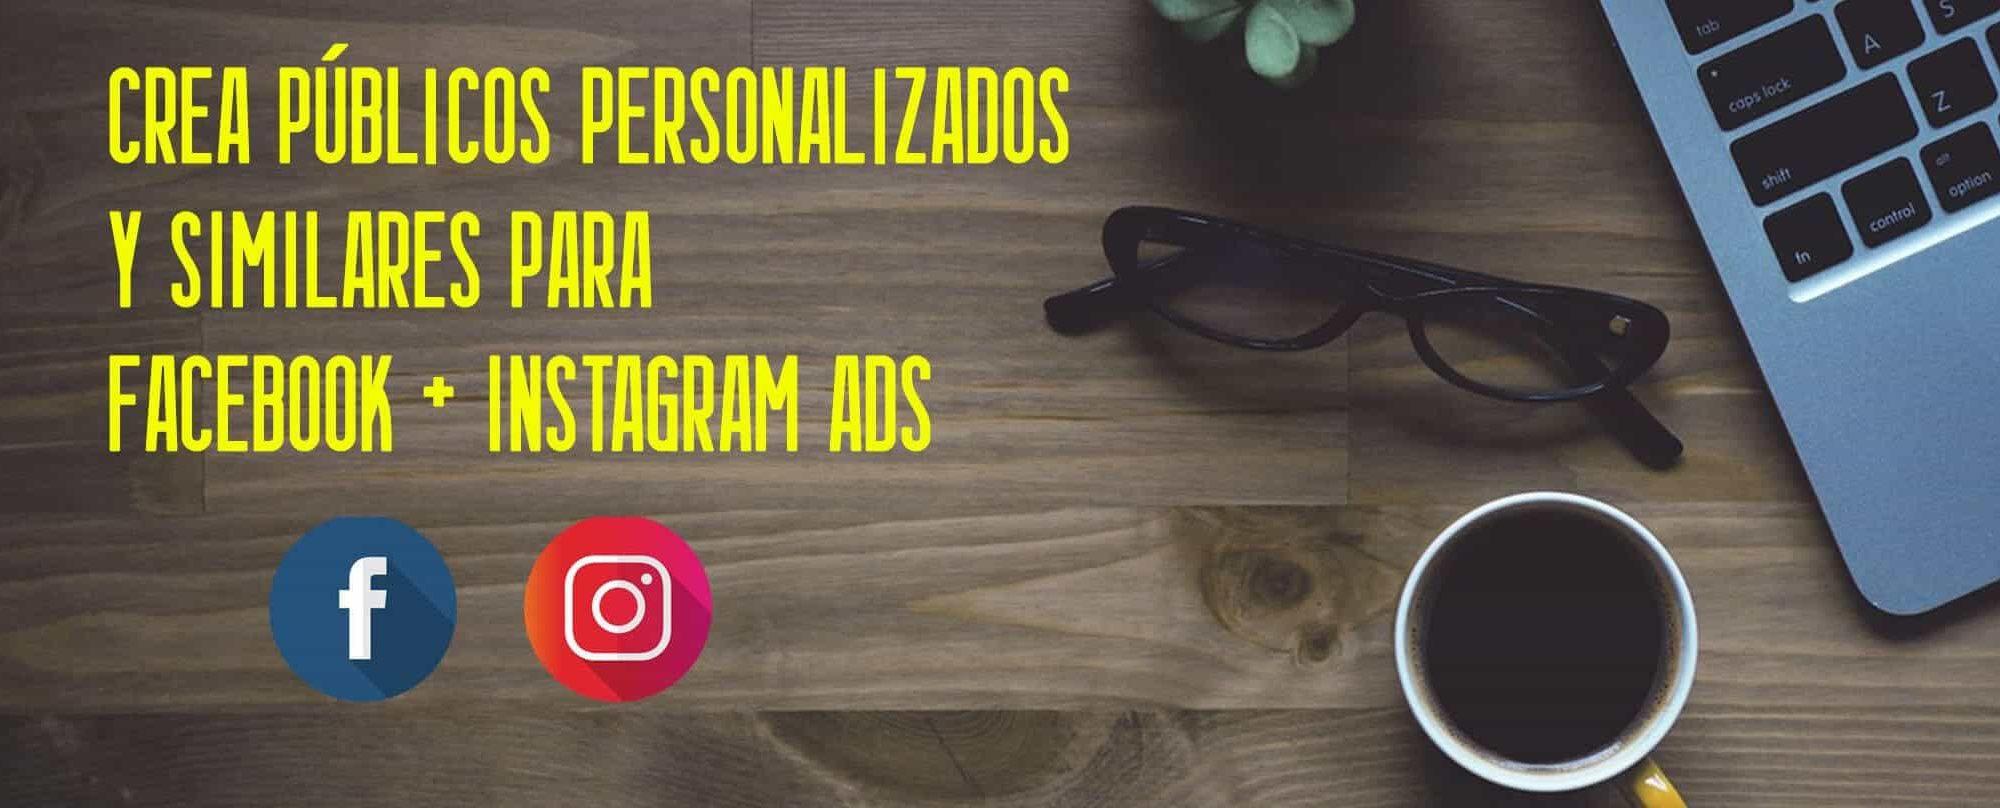 crea-publicos-personalizados-y-similares-para-facebook-instagram-ads